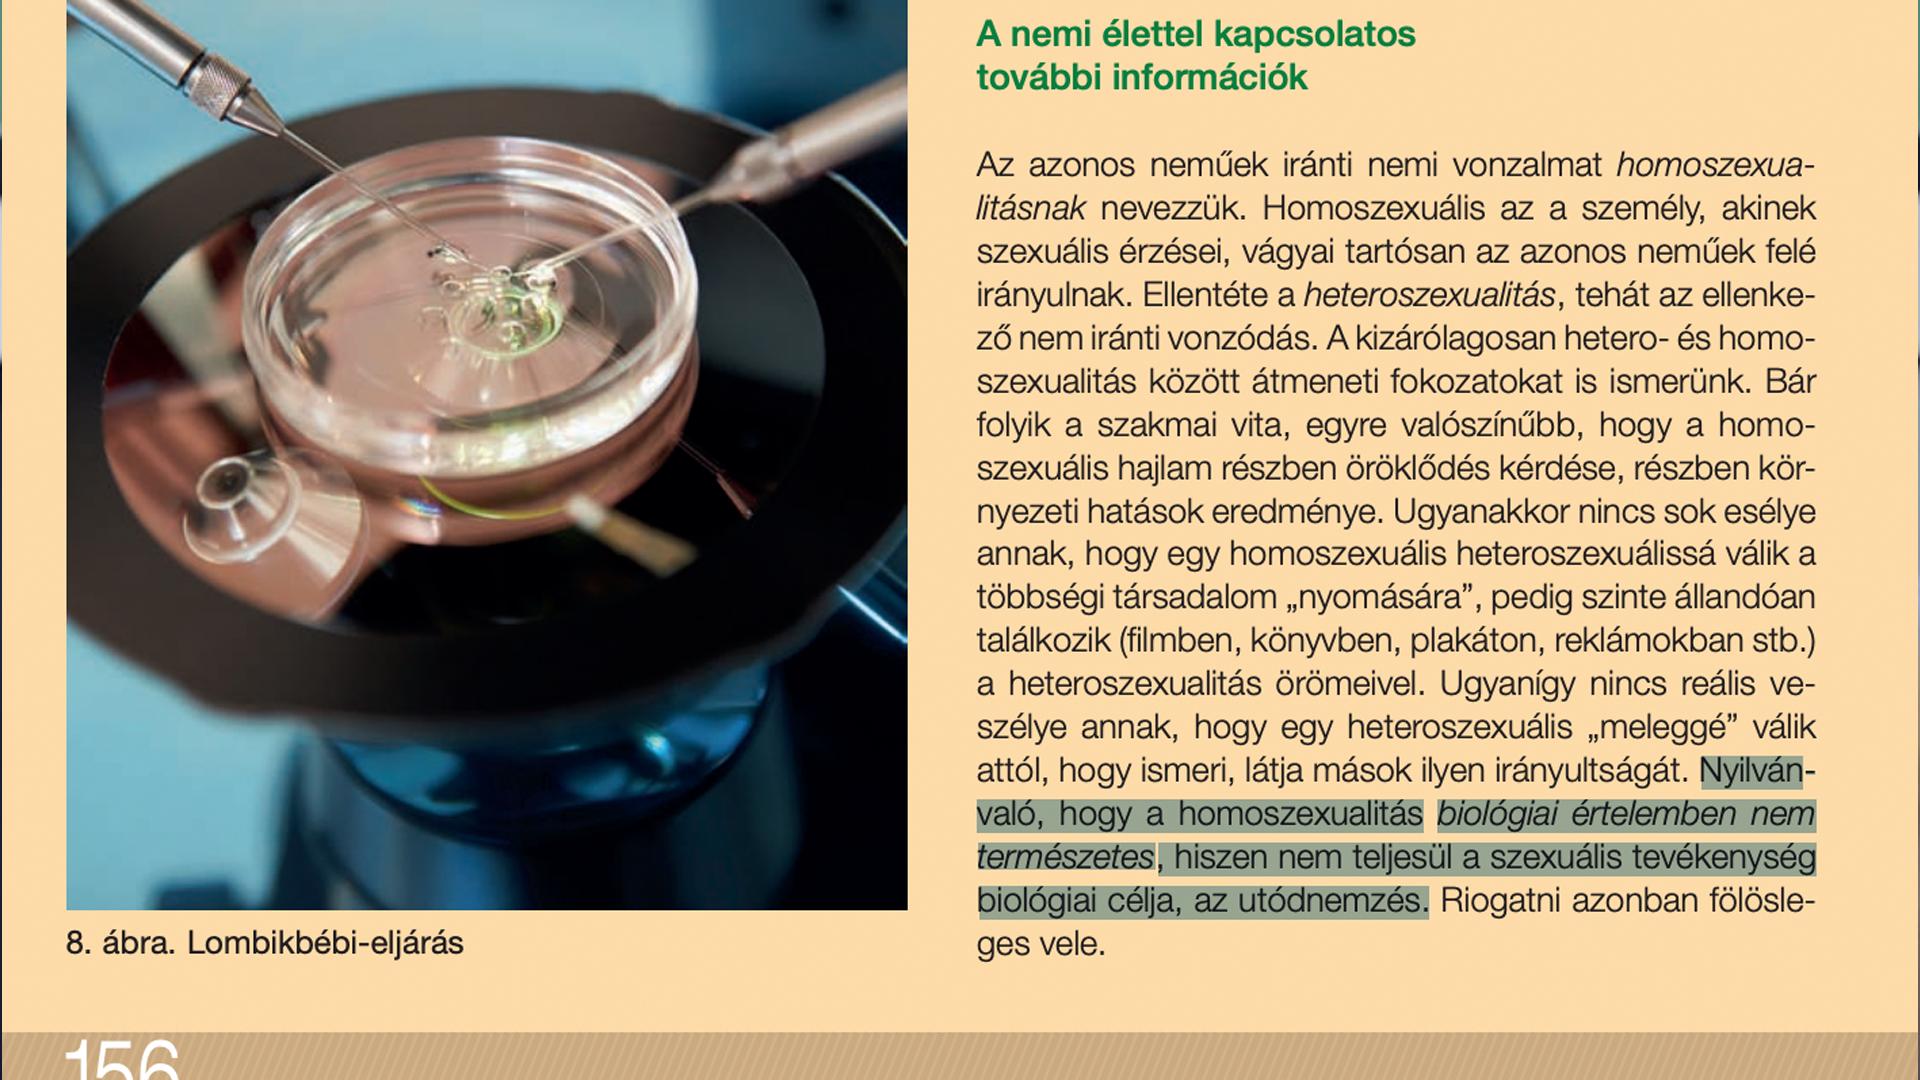 Nyolcadikos biológia-tankönyv: Nyilvánvaló, hogy a homoszexualitás biológiai értelemben nem természetes